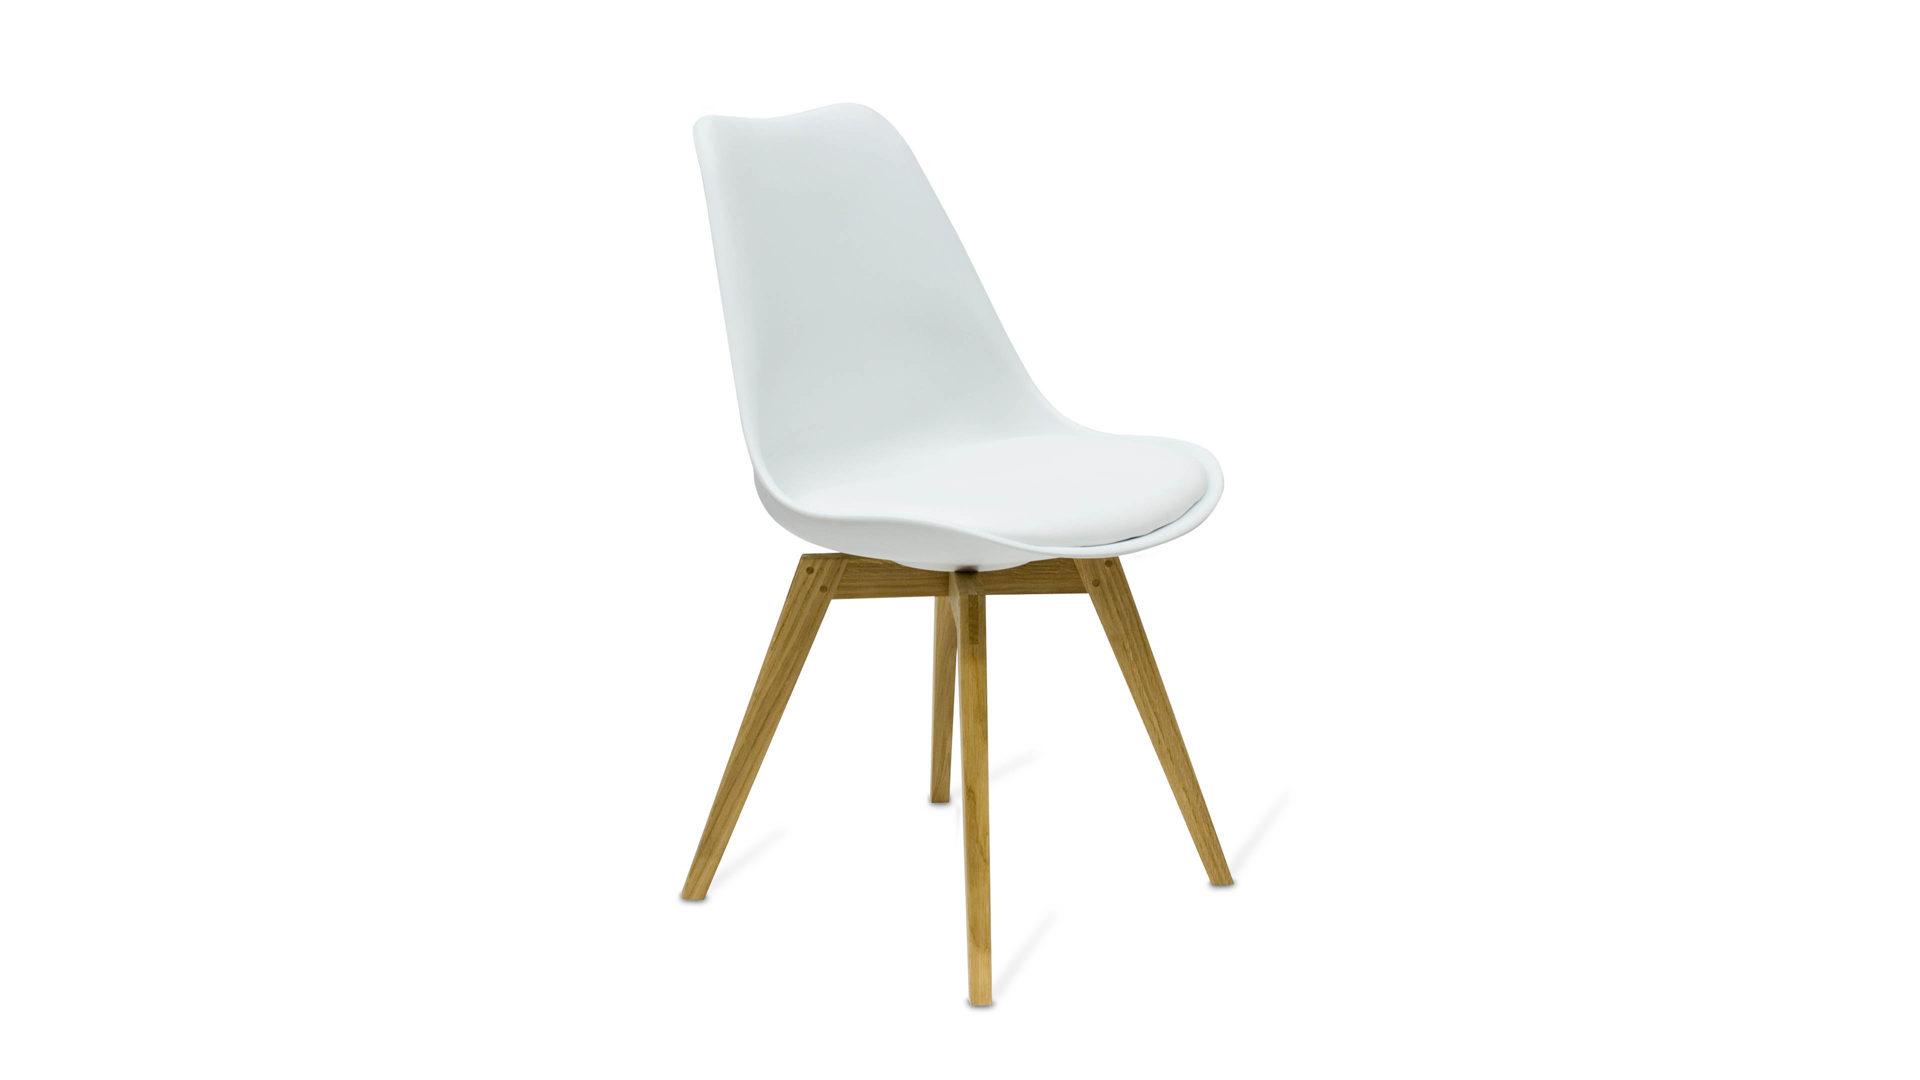 Schreibtischstuhl modern holz  Einrichtungspartner Ring | Stühle | Stuhl, der als bequemes ...